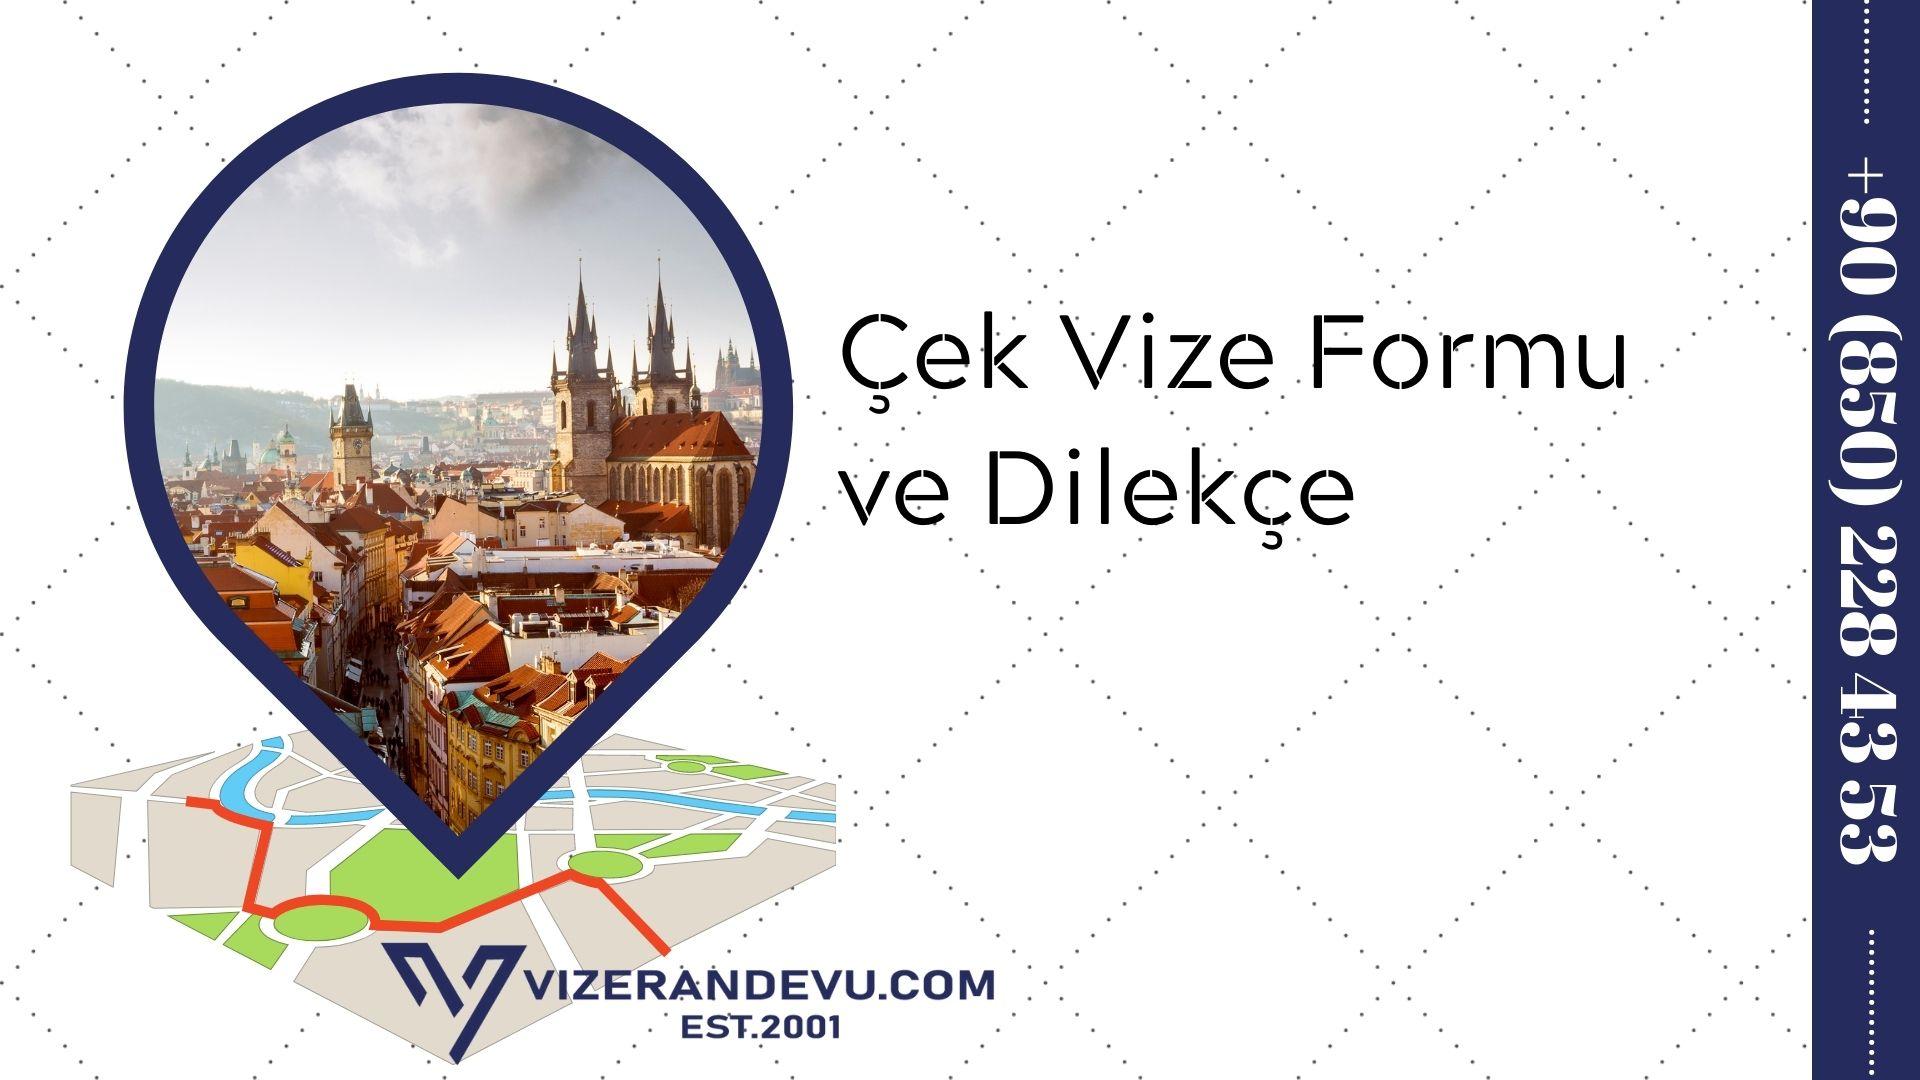 Çek Vize Formu ve Dilekçe 2021